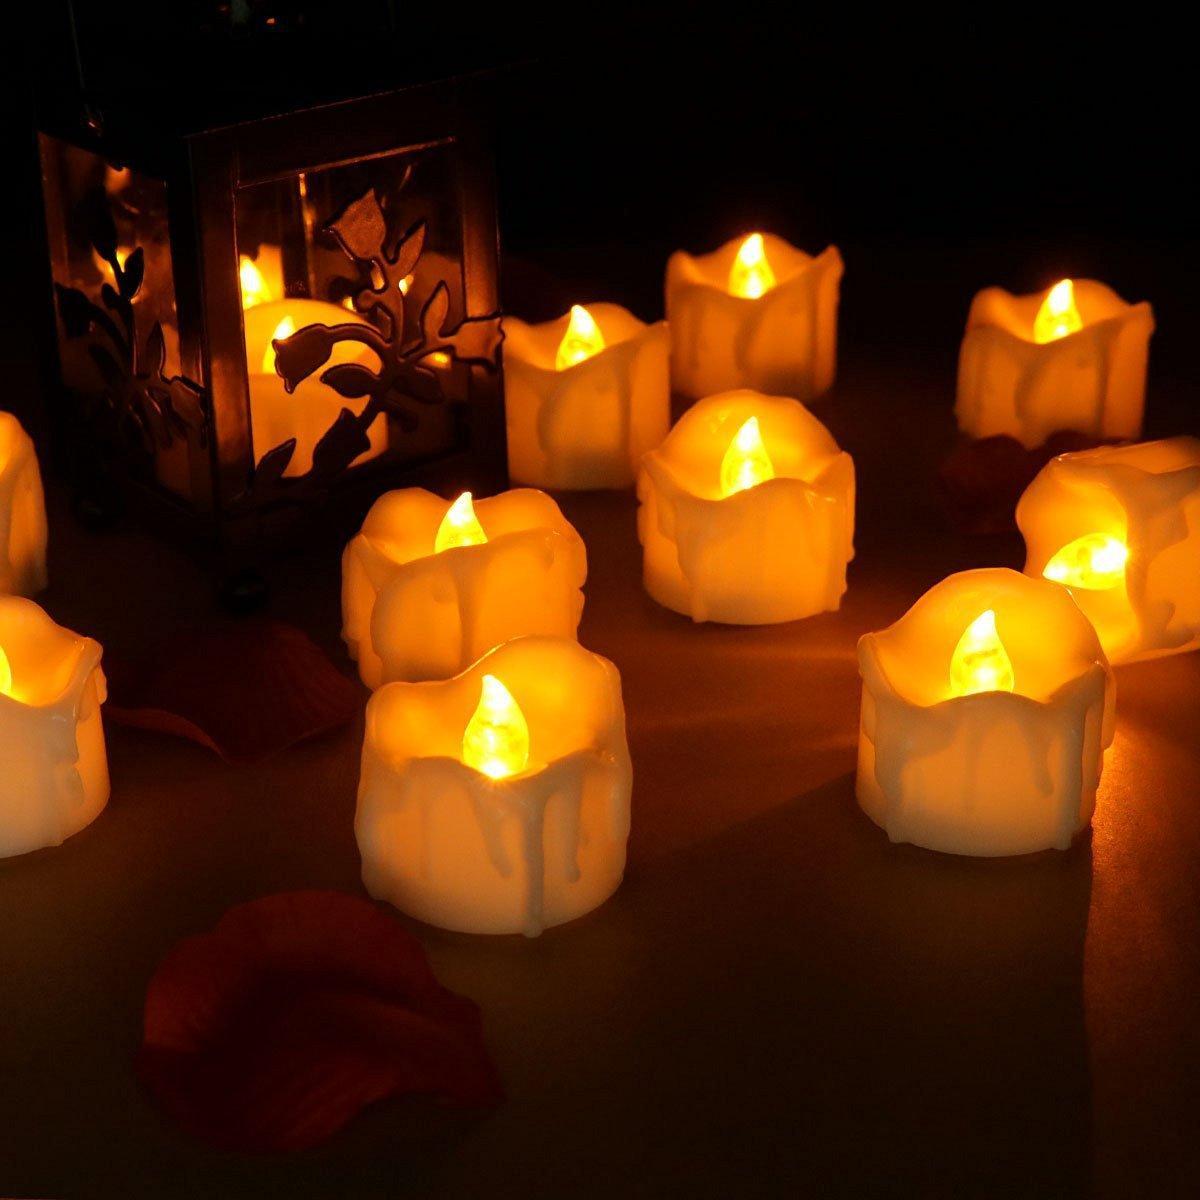 12 Cái / Lô Led Vàng Flicker Drop Tearight Nến Tealight Điện tử Nến không lửa Nến lãng mạn Nến rực lửa Tealight cho đám cưới